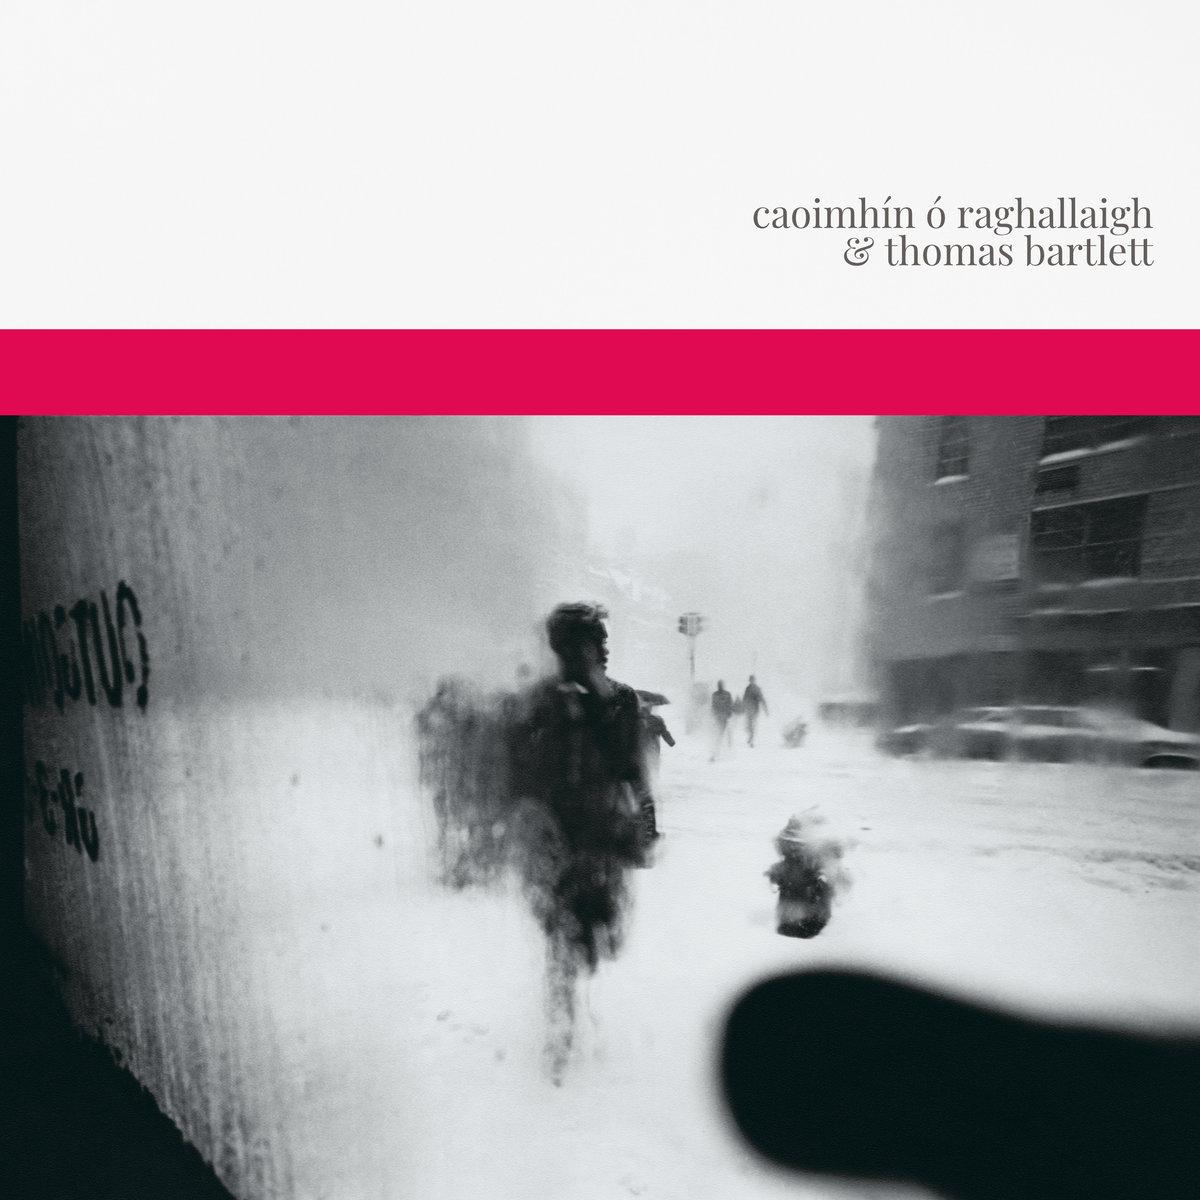 Caoimhín Ó Raghallaigh and Thomas Bartlett cover